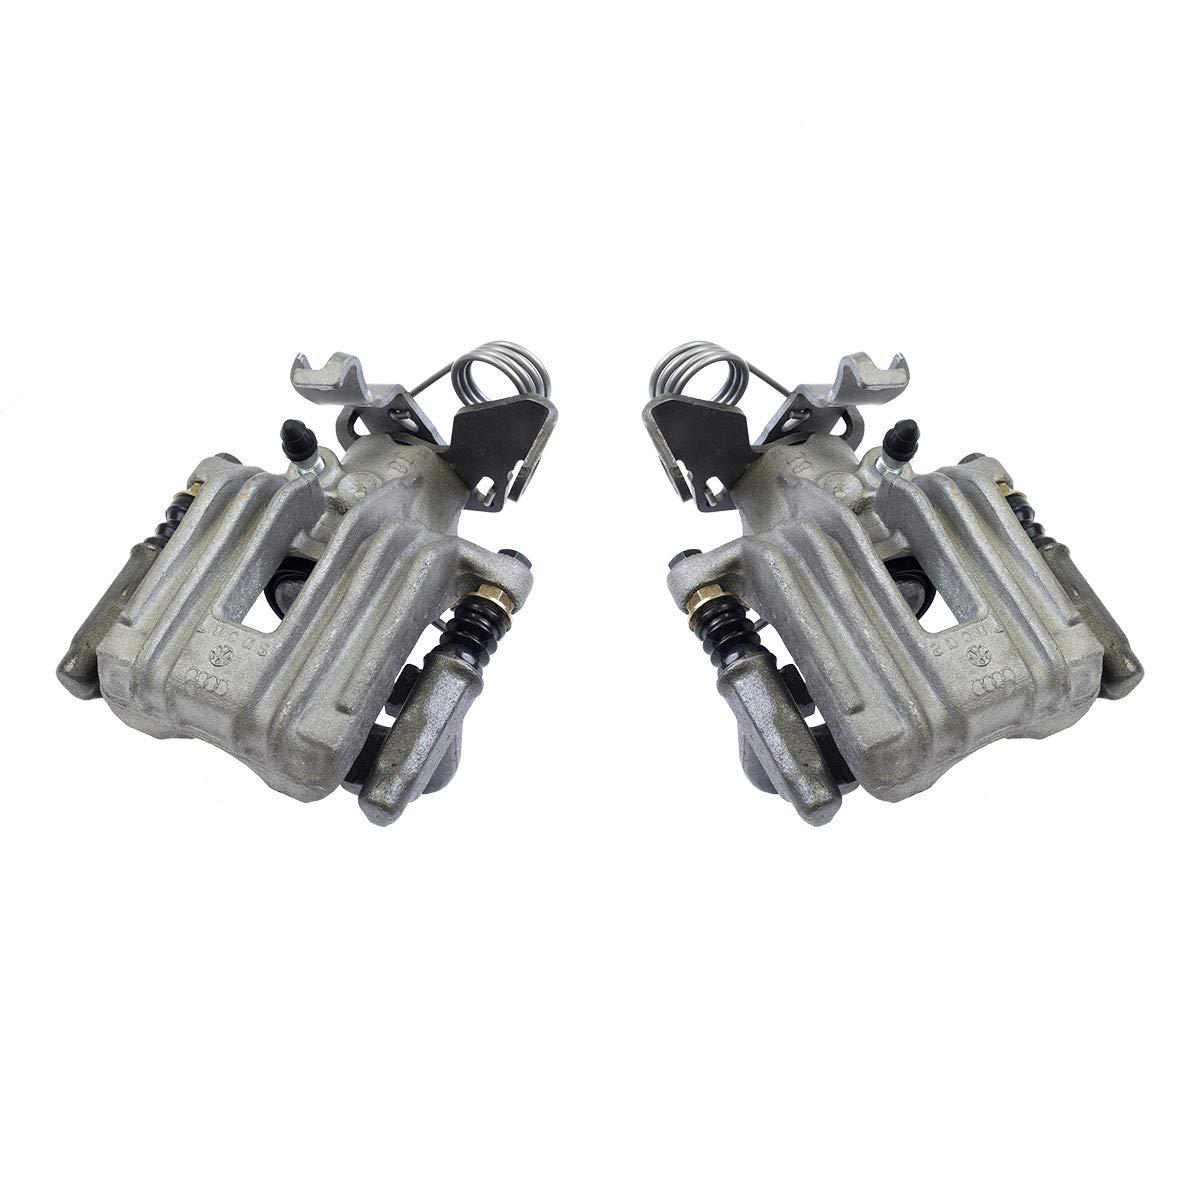 CCK03275 REAR [2] Premium Grade OE Semi-Loaded Caliper Assembly Pair Set Callahan Brake Parts